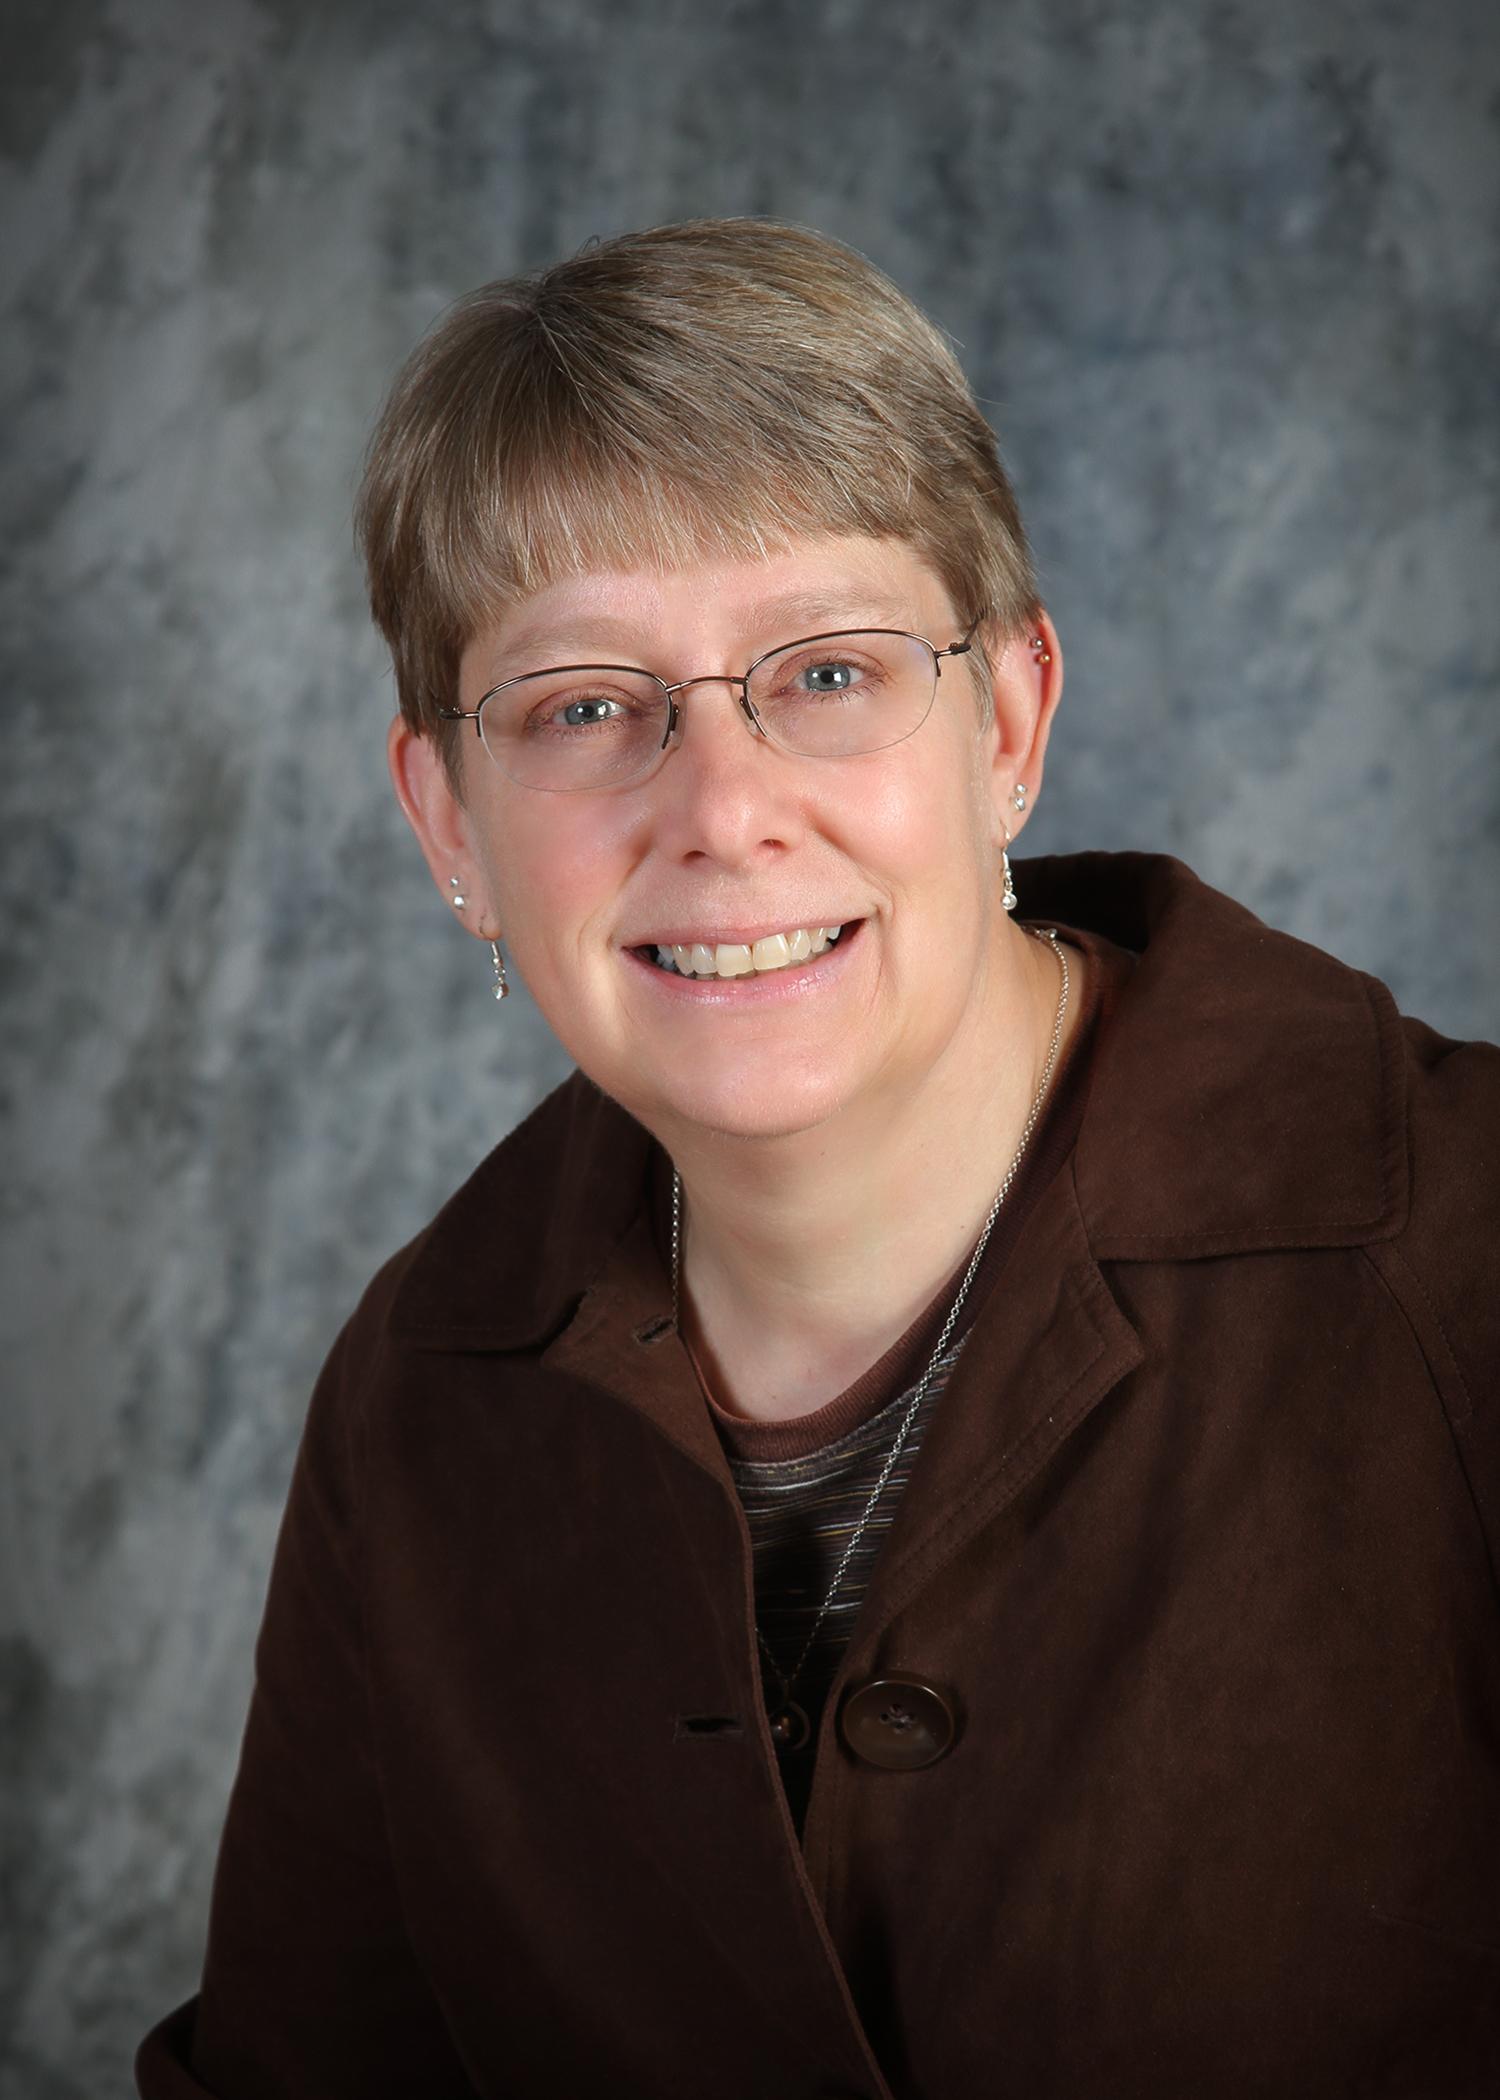 Debra Ortner - Deputy Clerk  (715)267-6205  dtortner@greenwoodwi.com  Hire Date: November 1994